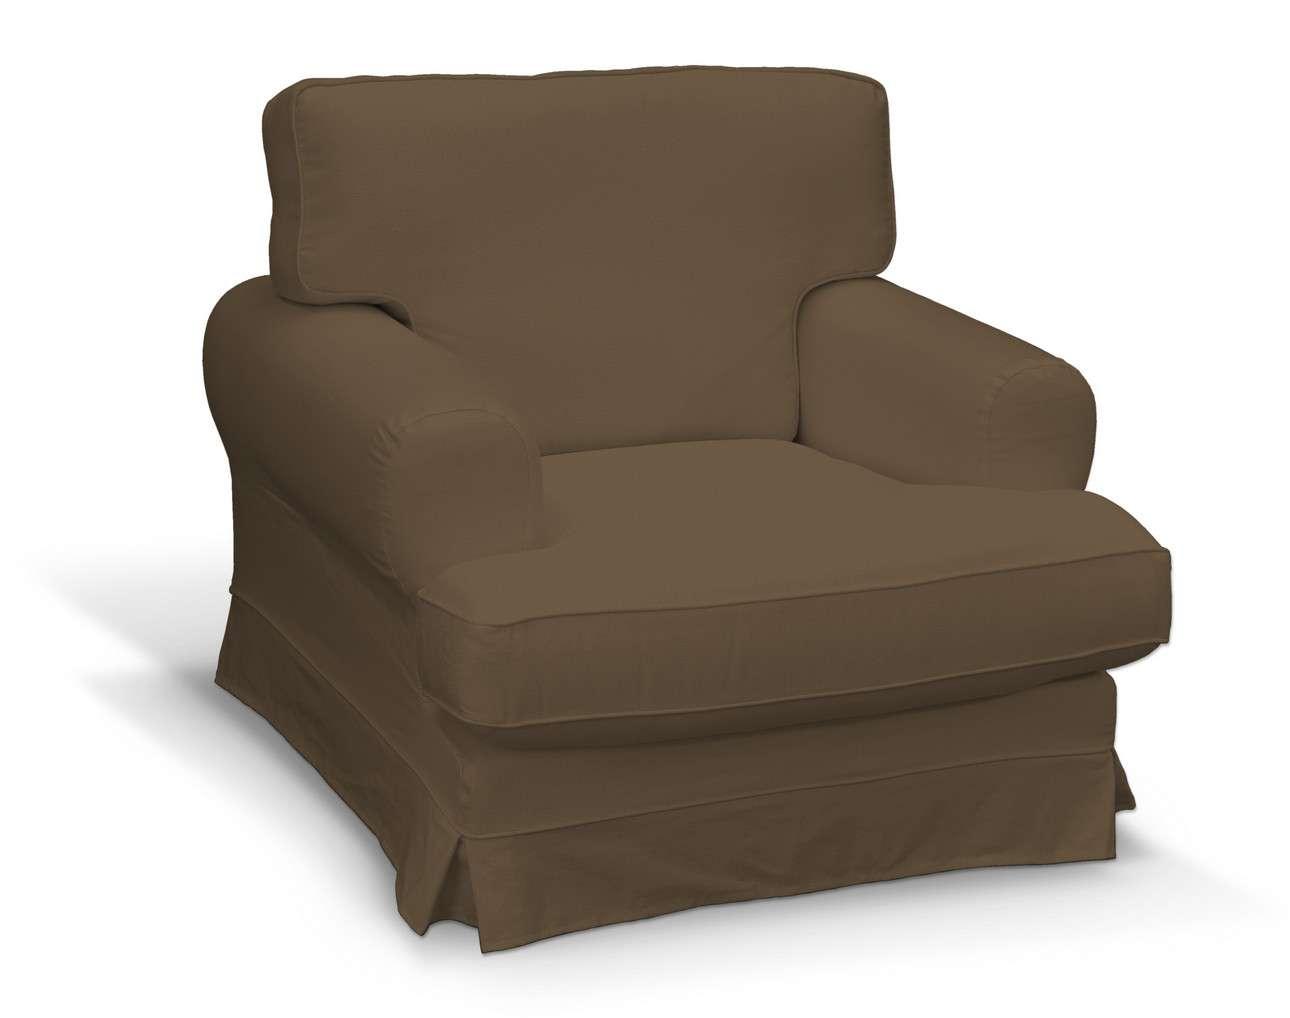 Pokrowiec na fotel Ekeskog w kolekcji Living II, tkanina: 160-94